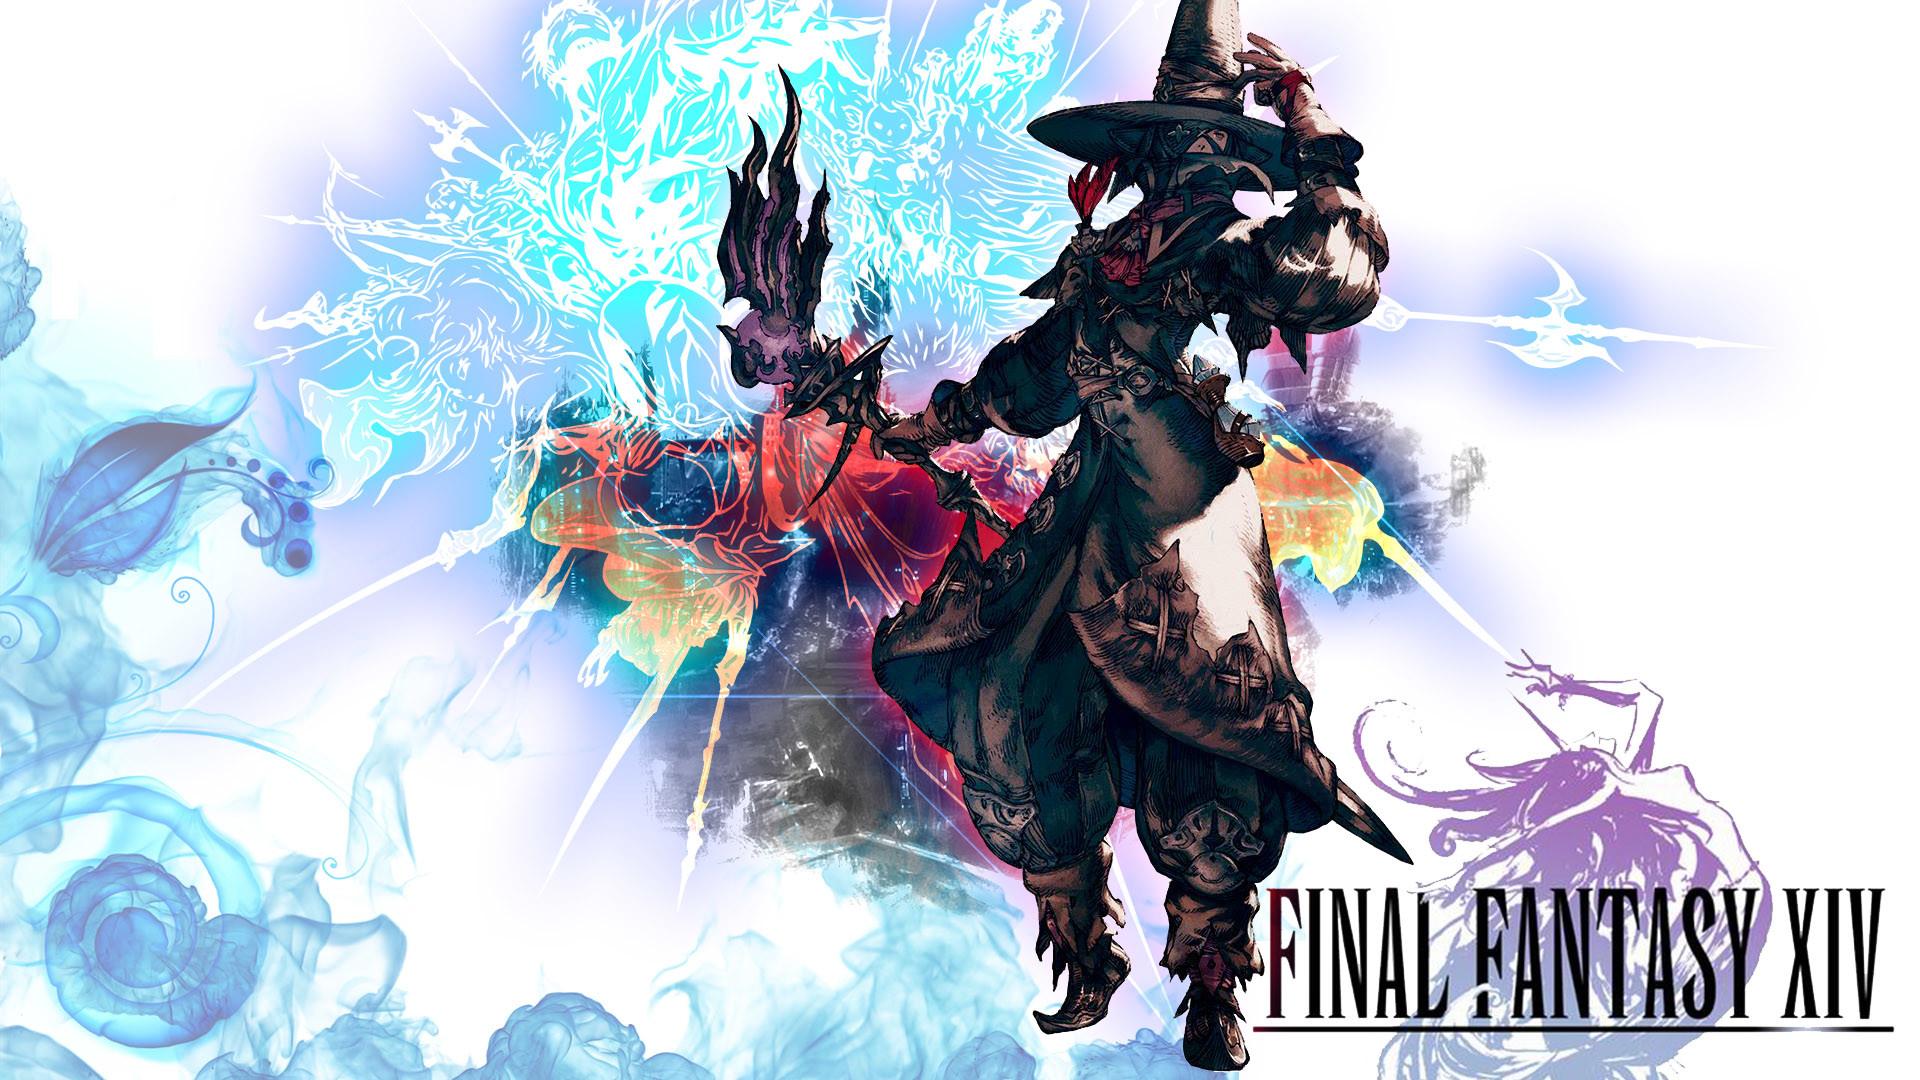 Final Fantasy XIV Wallpaper by MajinKhaN Final Fantasy XIV Wallpaper by  MajinKhaN